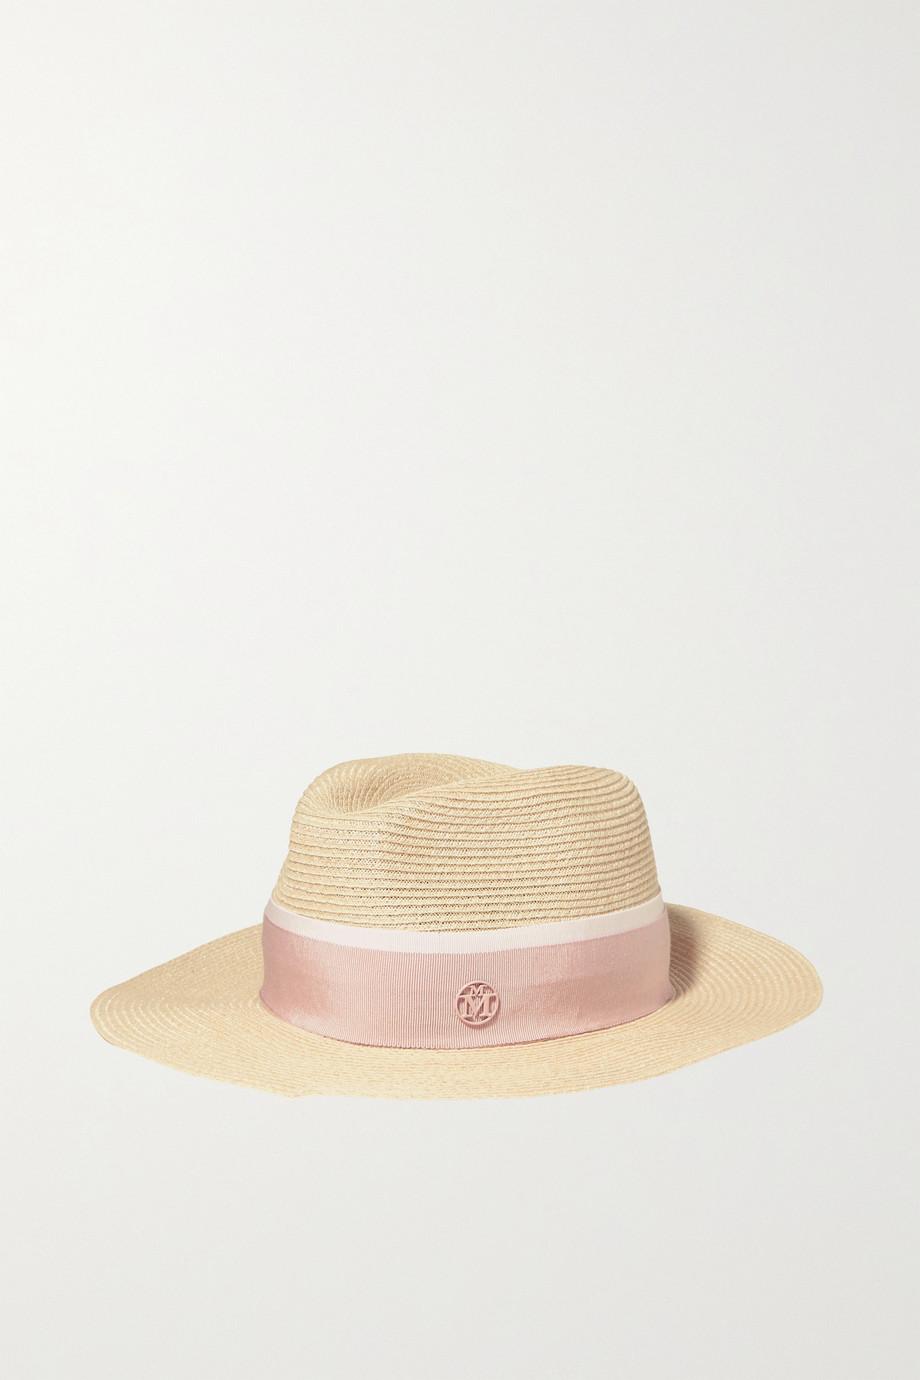 Maison Michel Henrietta grosgrain-trimmed straw hat